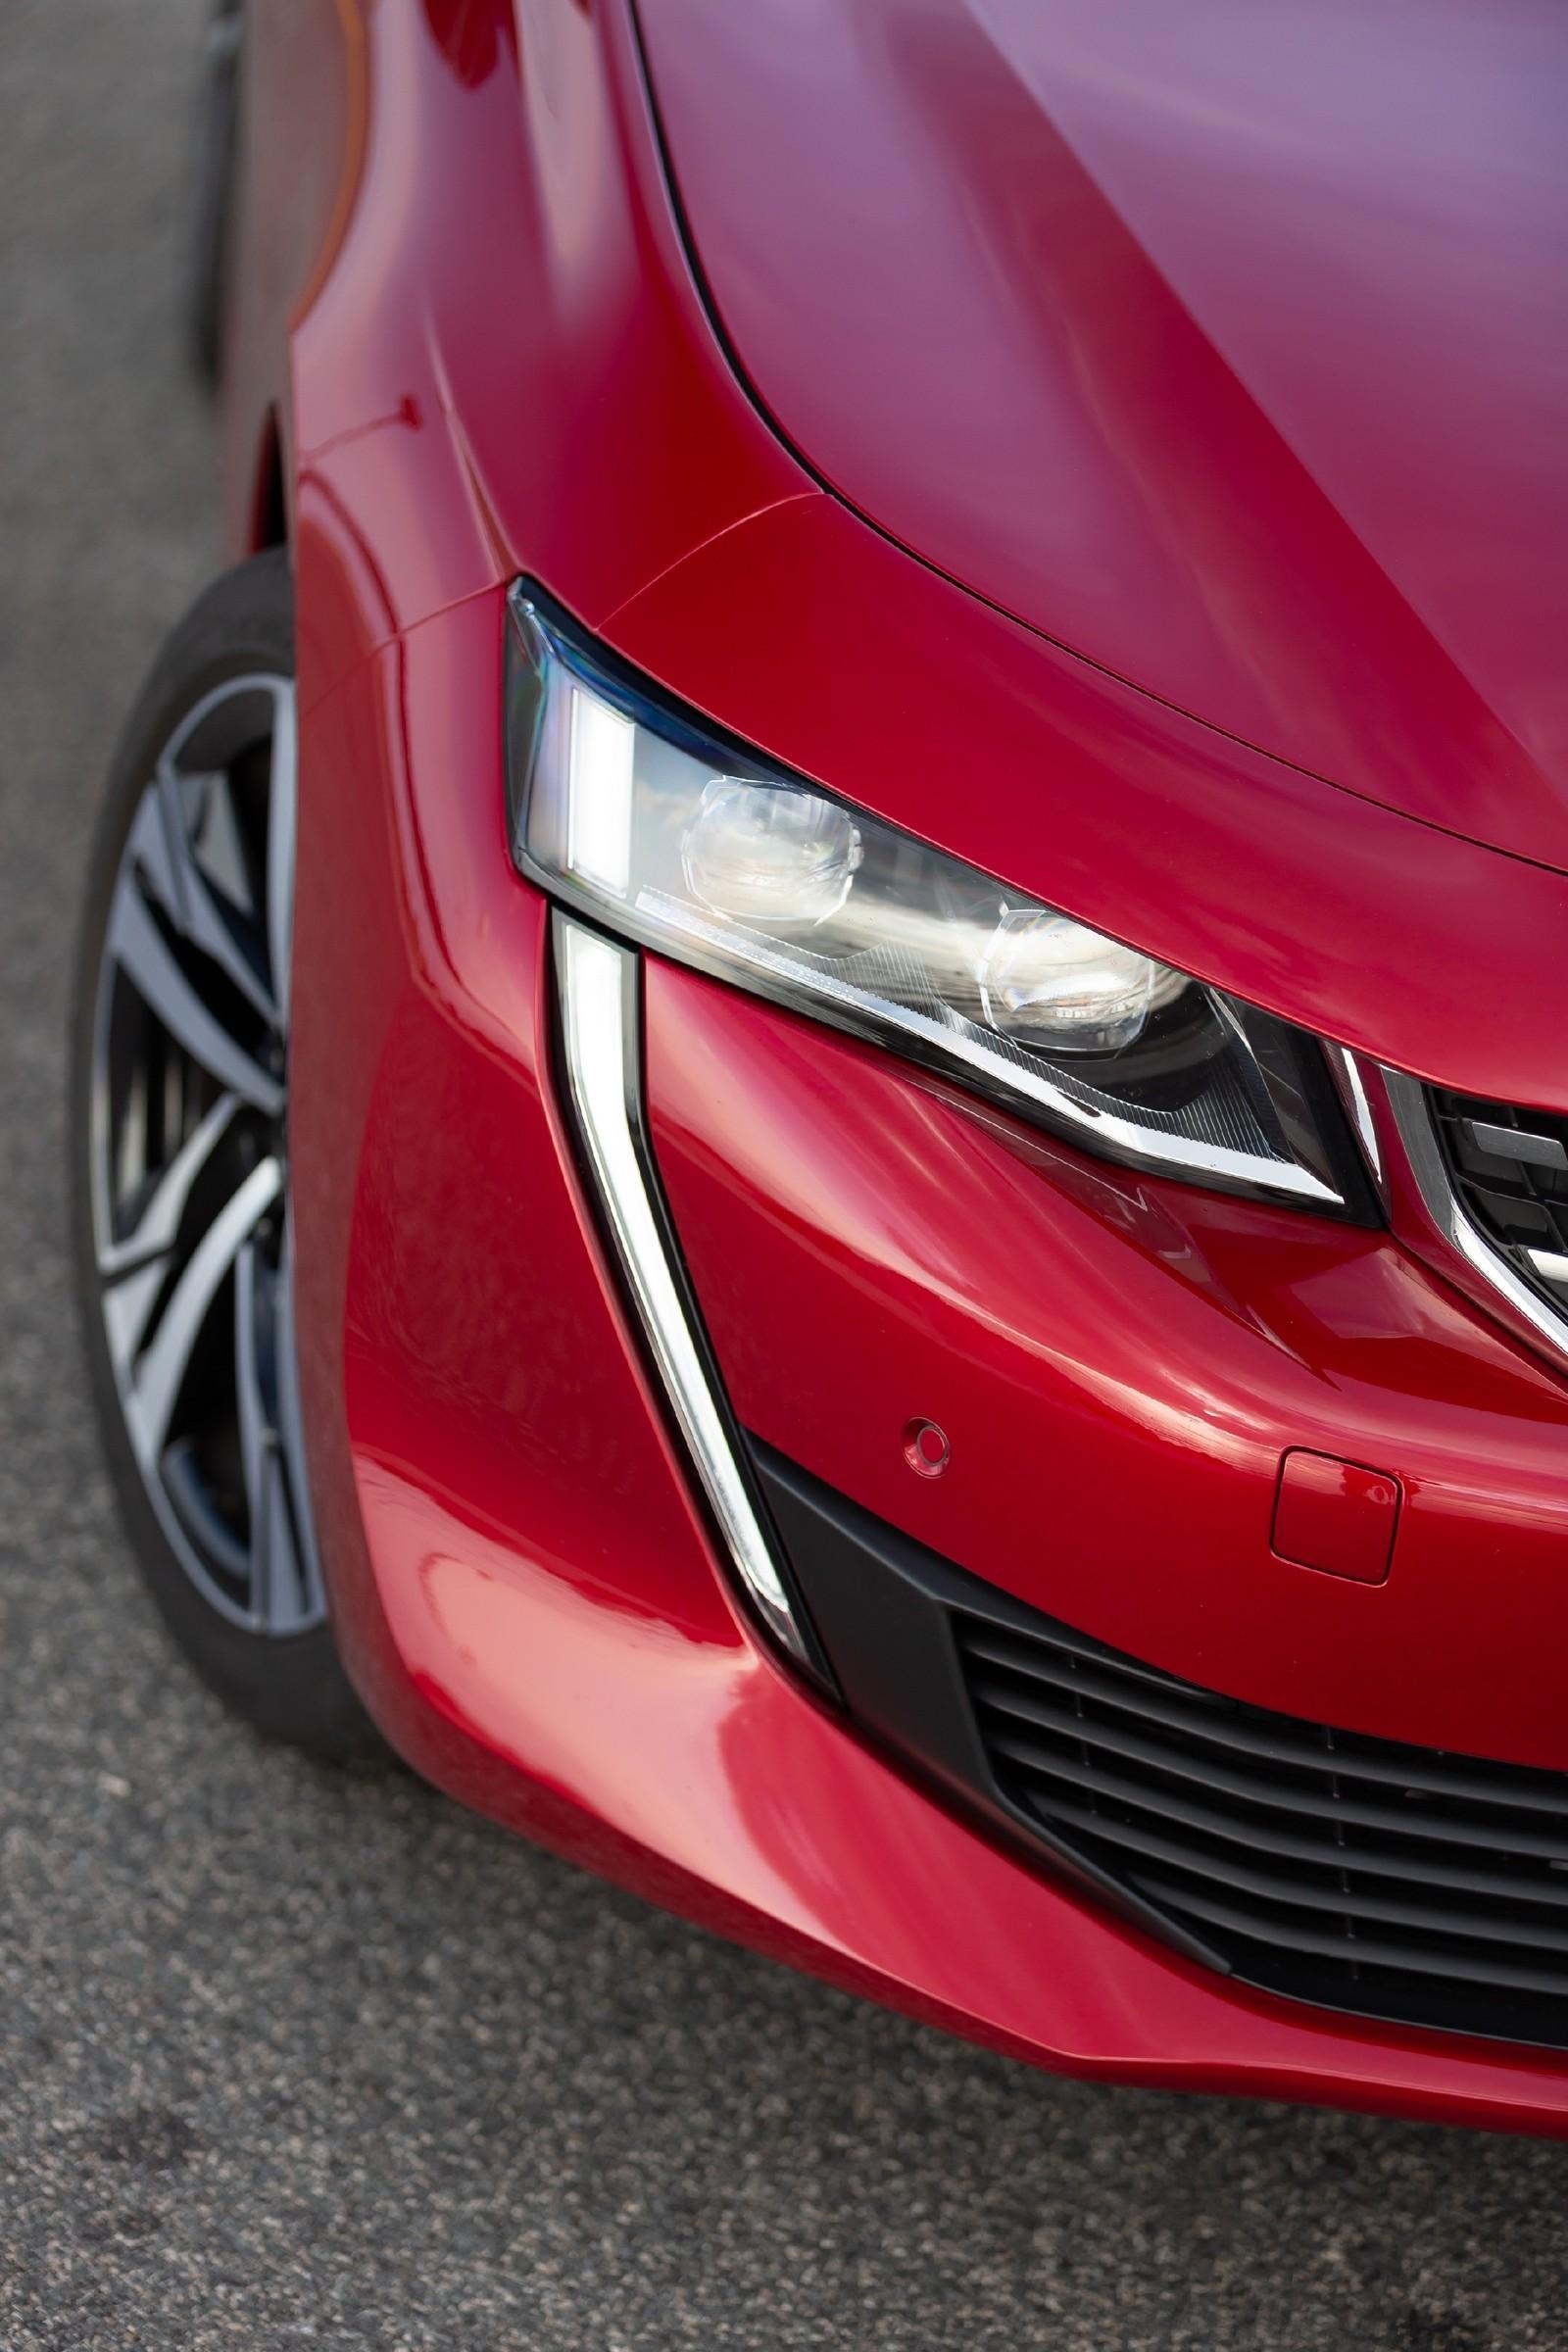 Peugeot 508 красный фара (2)